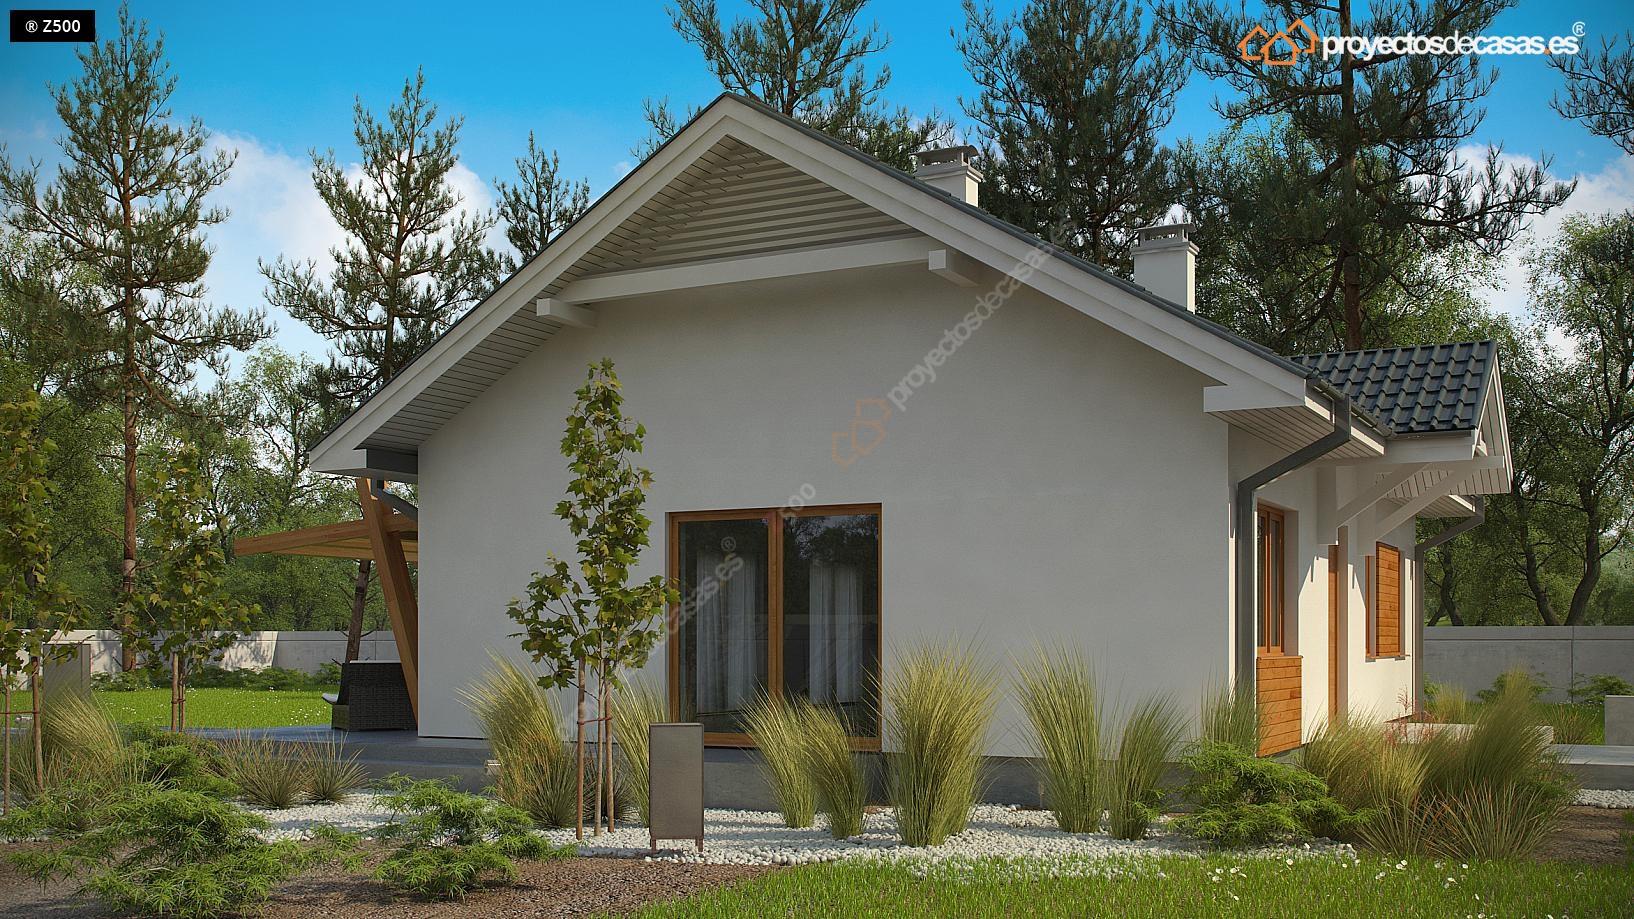 Proyectos de casas casa tradicional proyectosdecasas for Casas de madera pequenas